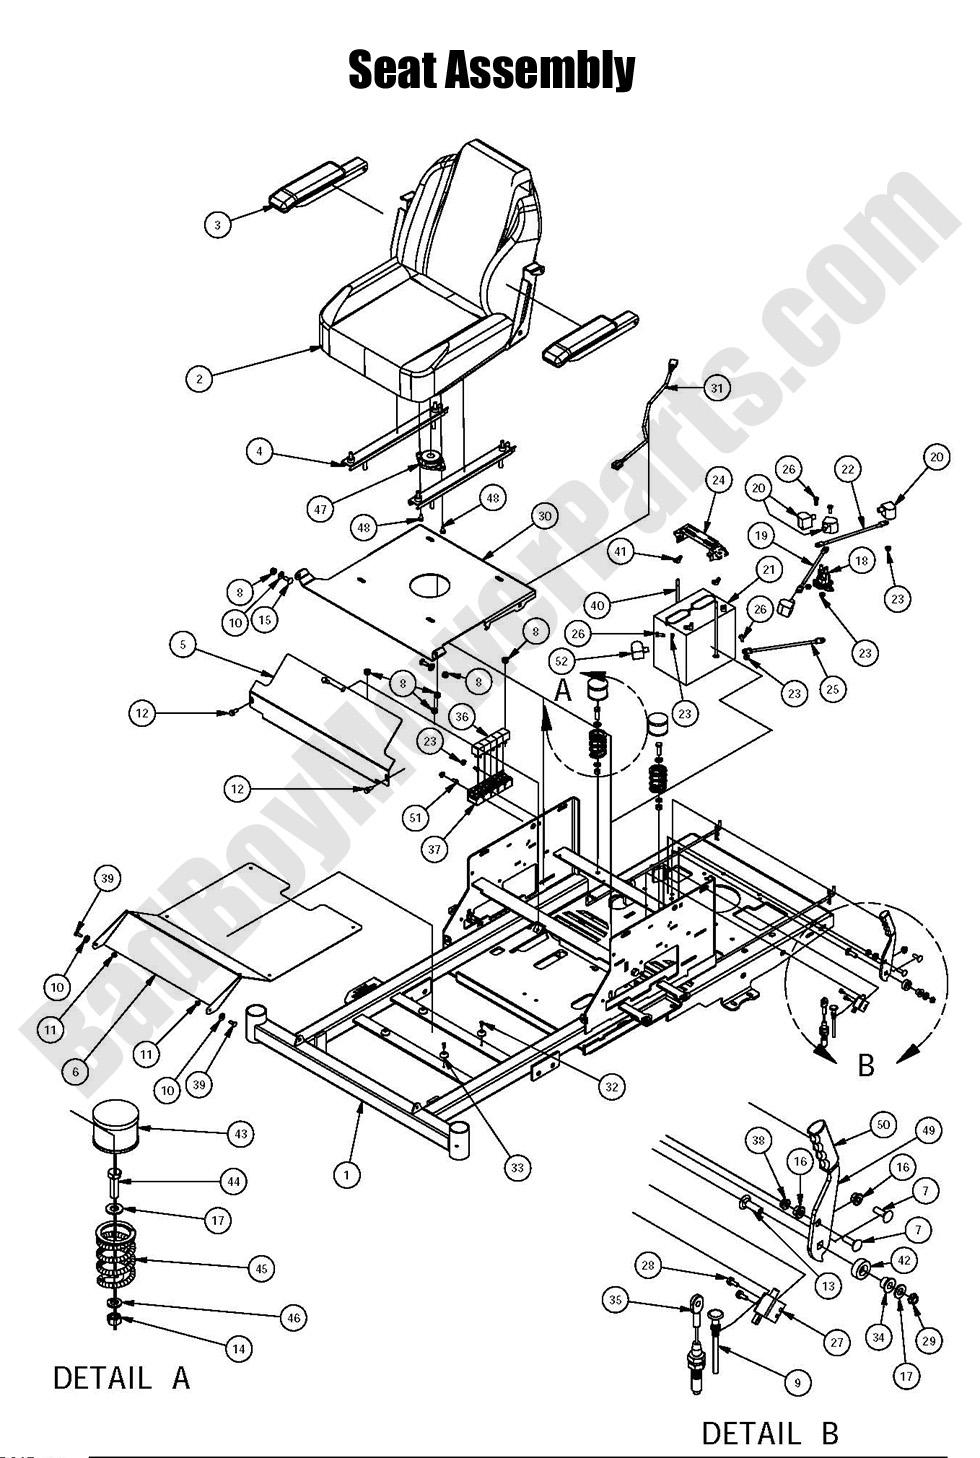 2010 Bad Boy Kawasaki Magnum Relay Wiring Diagram : 49